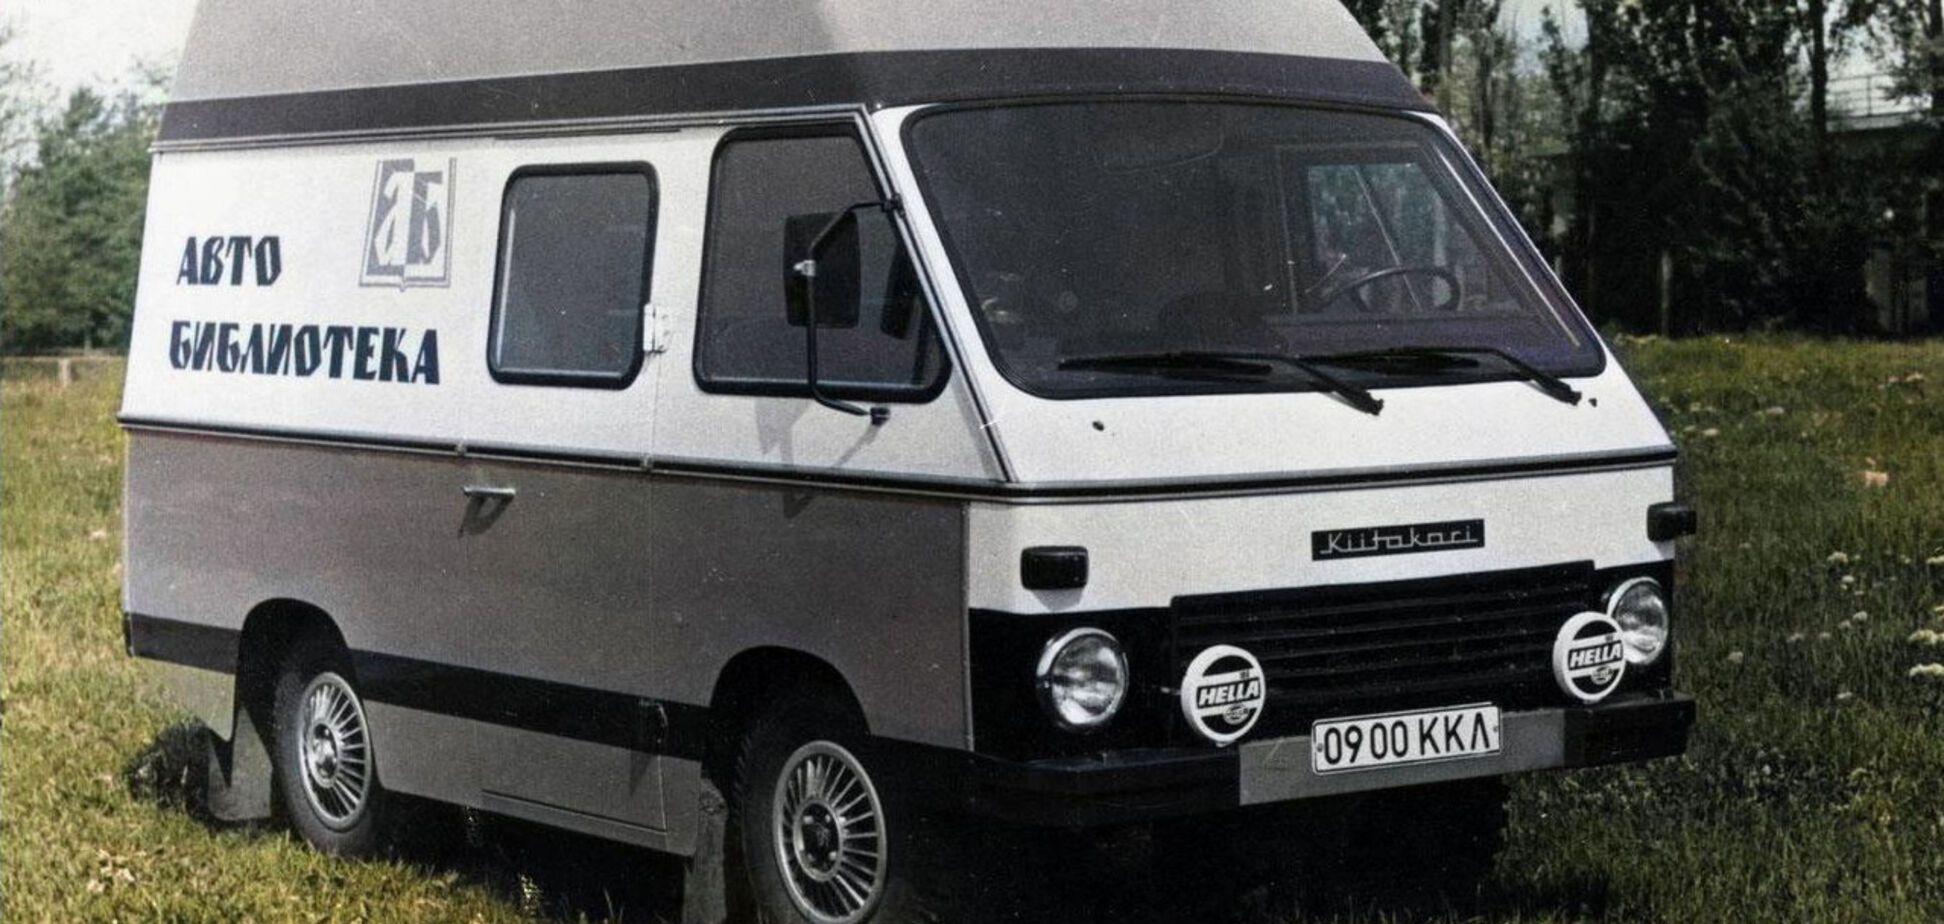 Найден уникальный УАЗ-452, на базе которого создали библиотеку